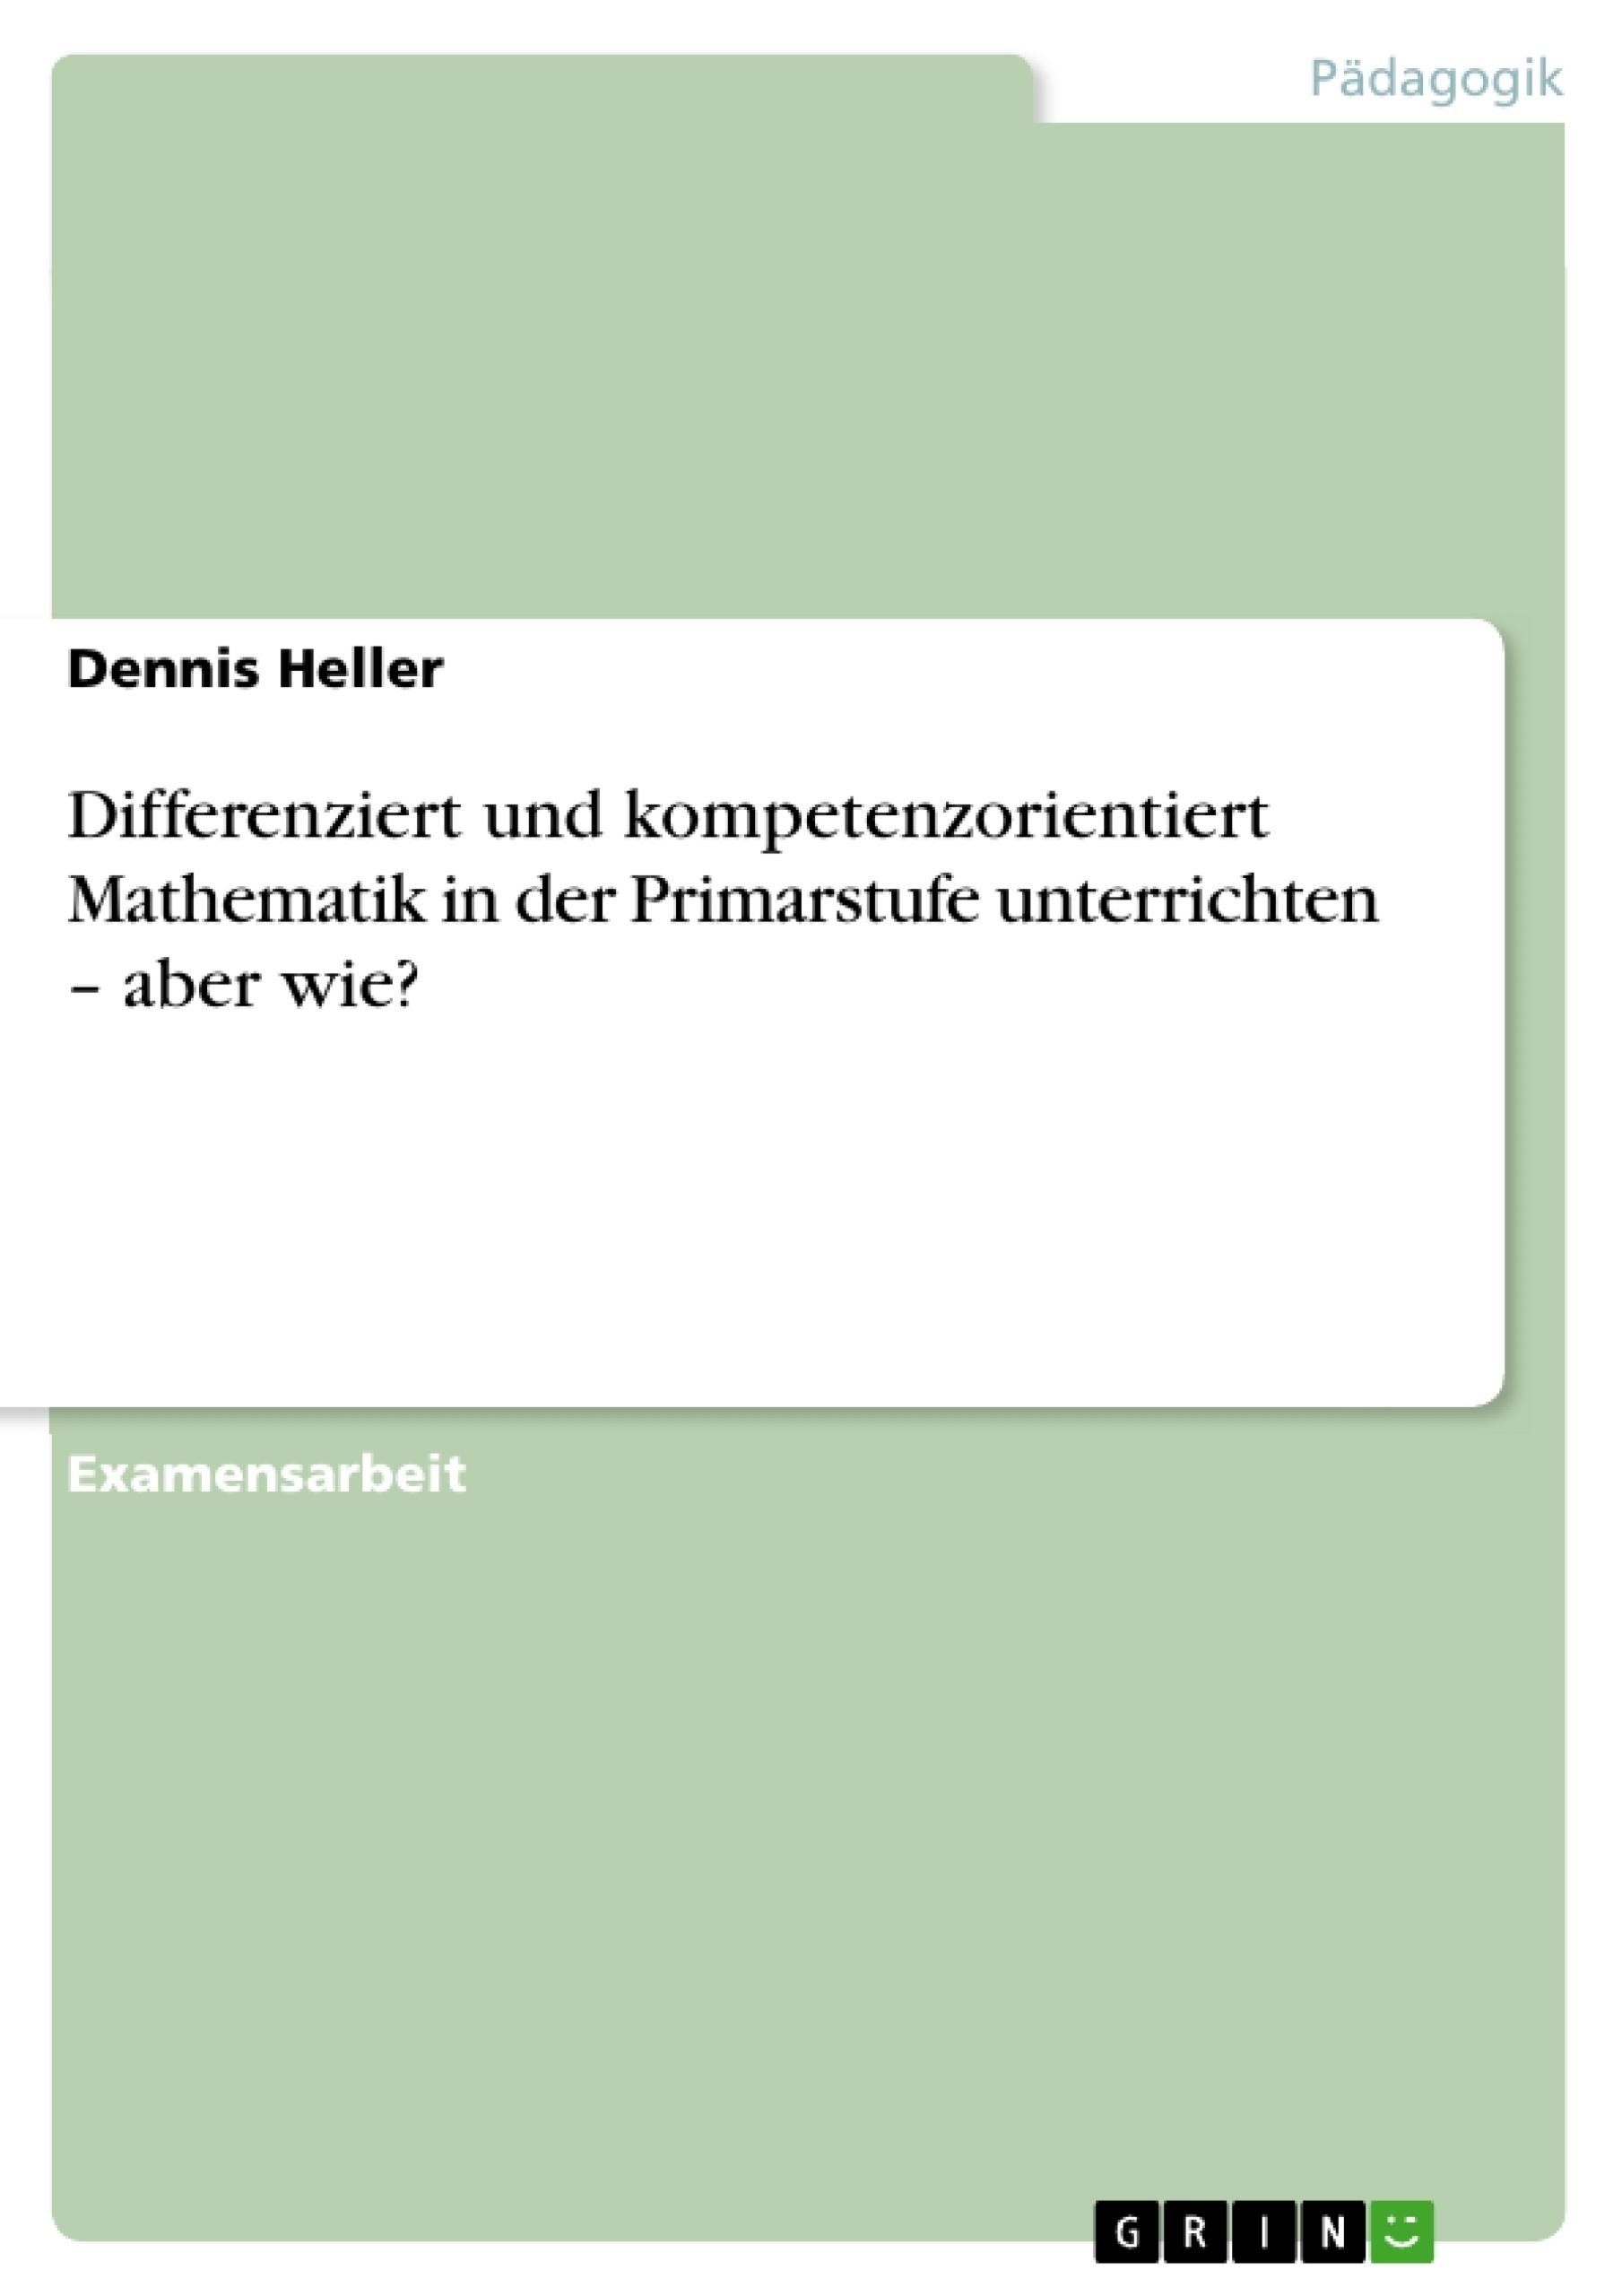 Differenziert und kompetenzorientiert Mathematik in der ...